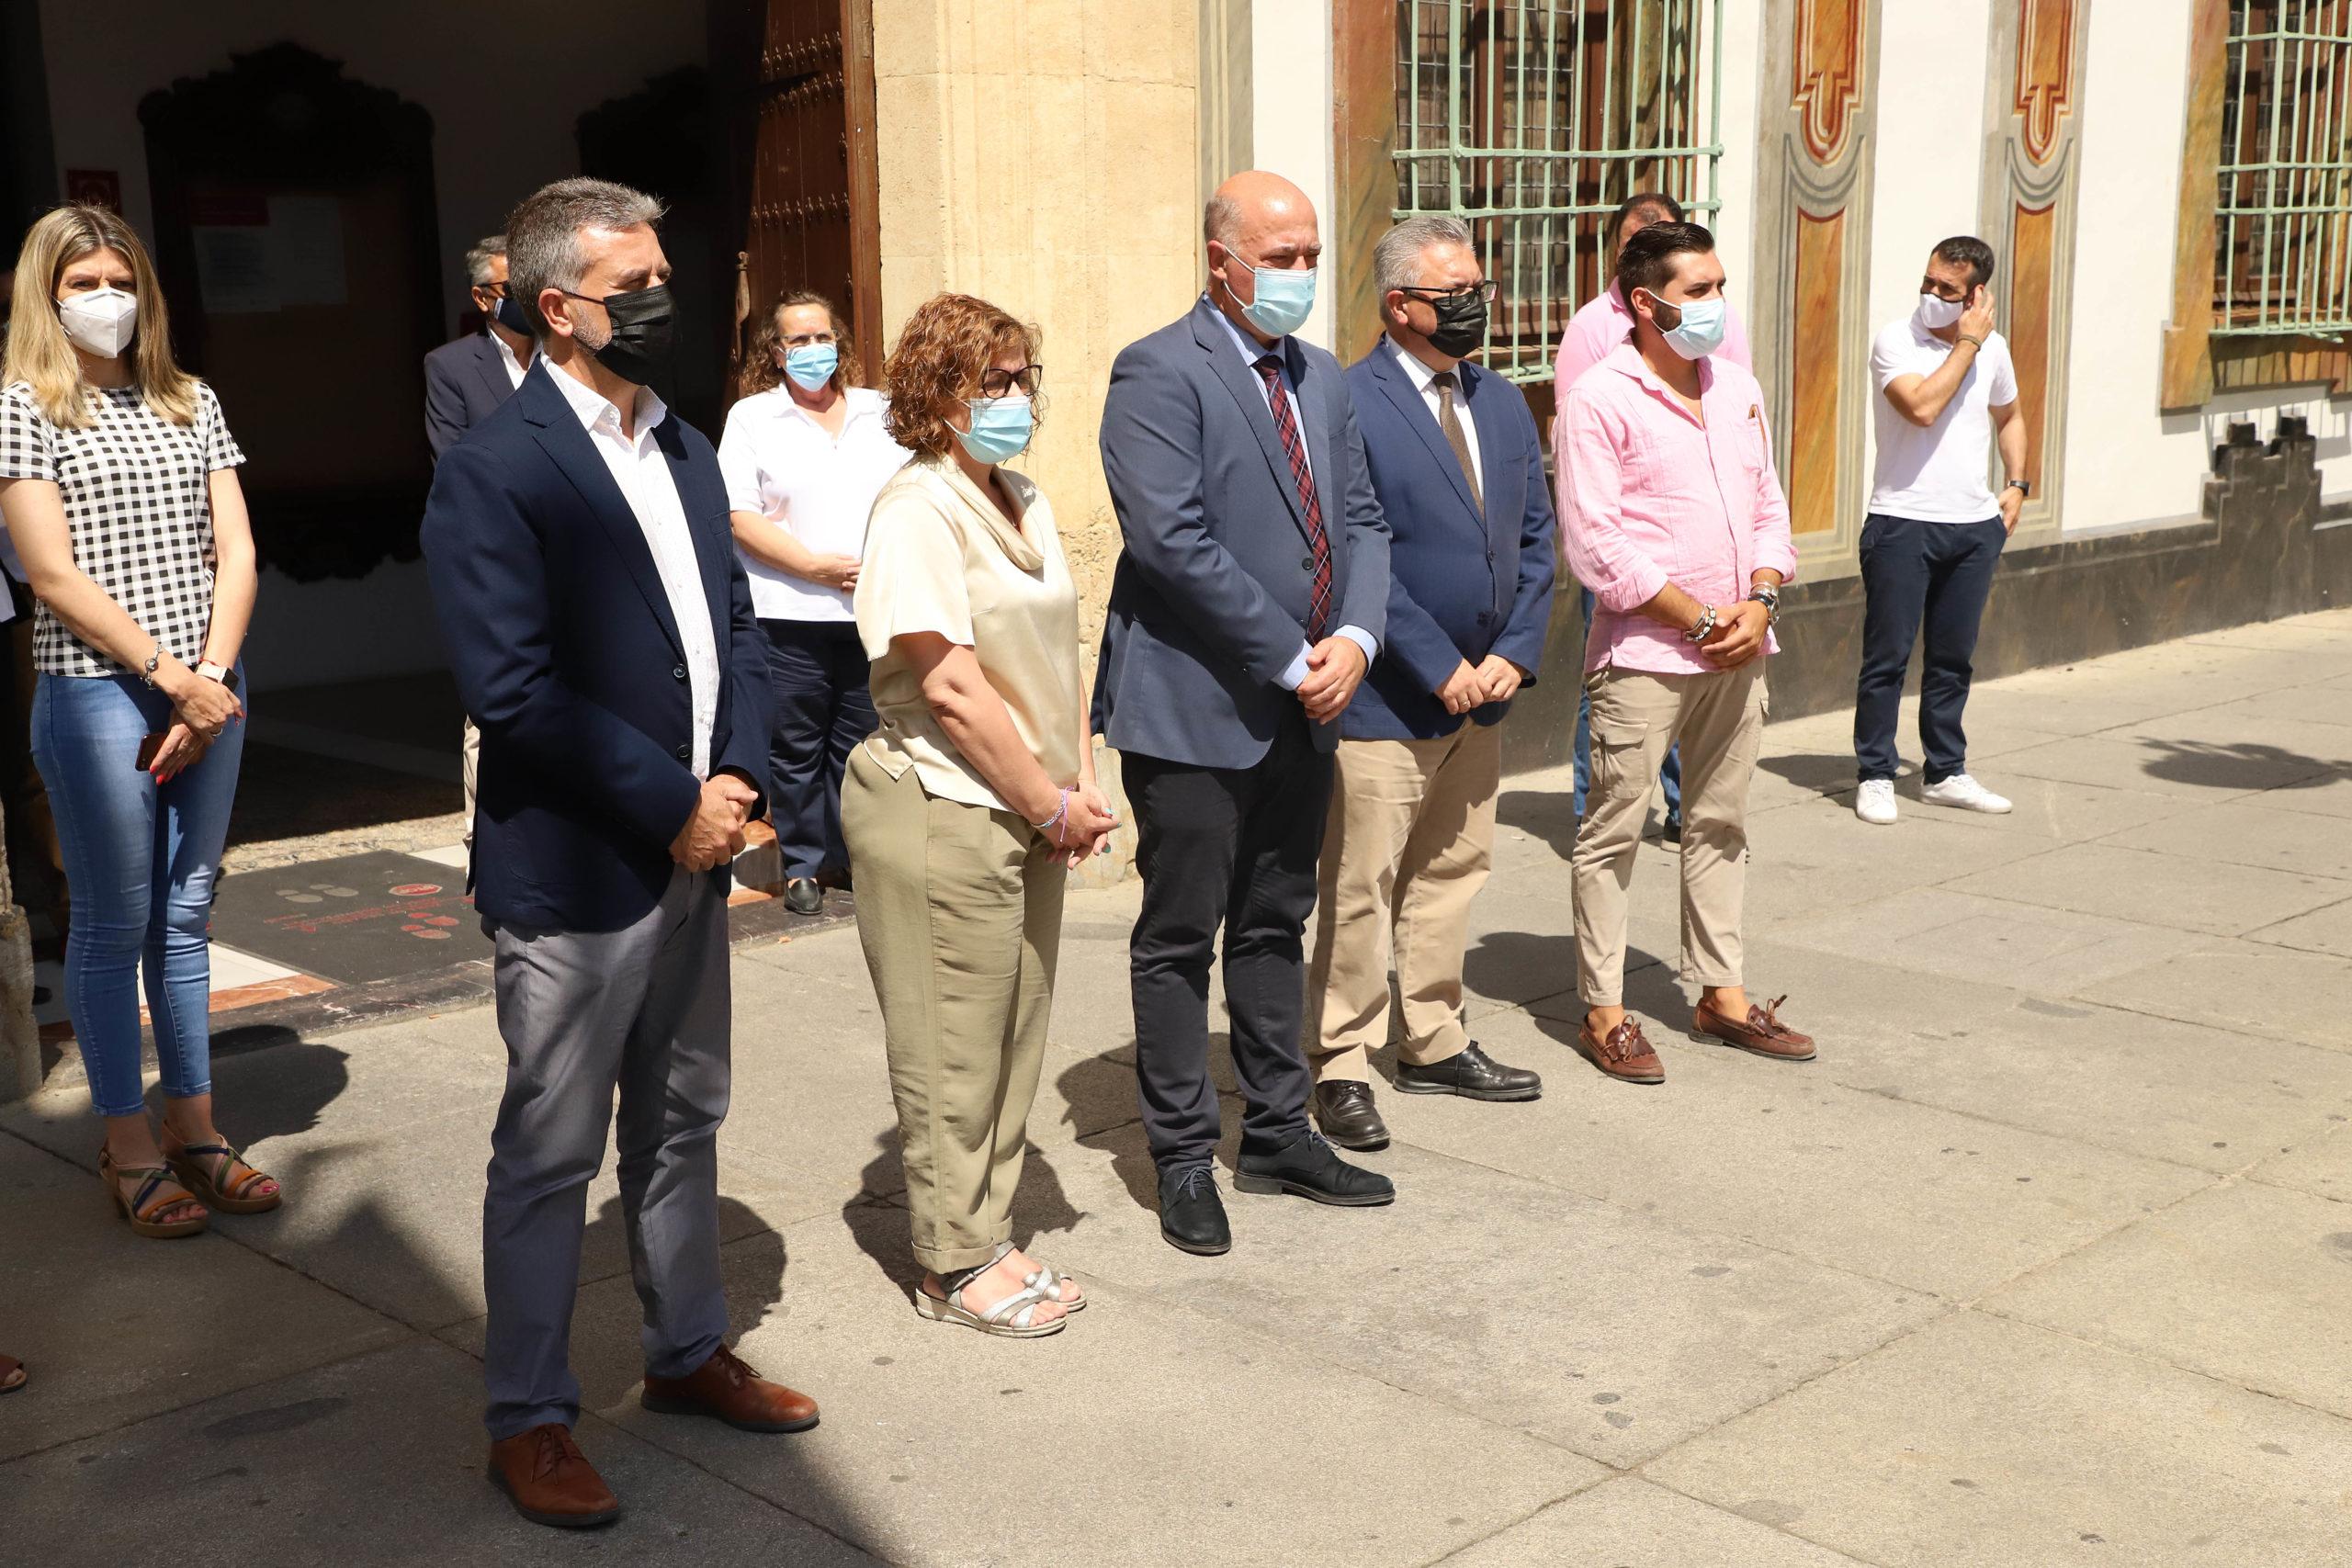 Concentración silenciosa a las puertas de la Diputación en repulsa por los últimos asesinatos de violencia machista